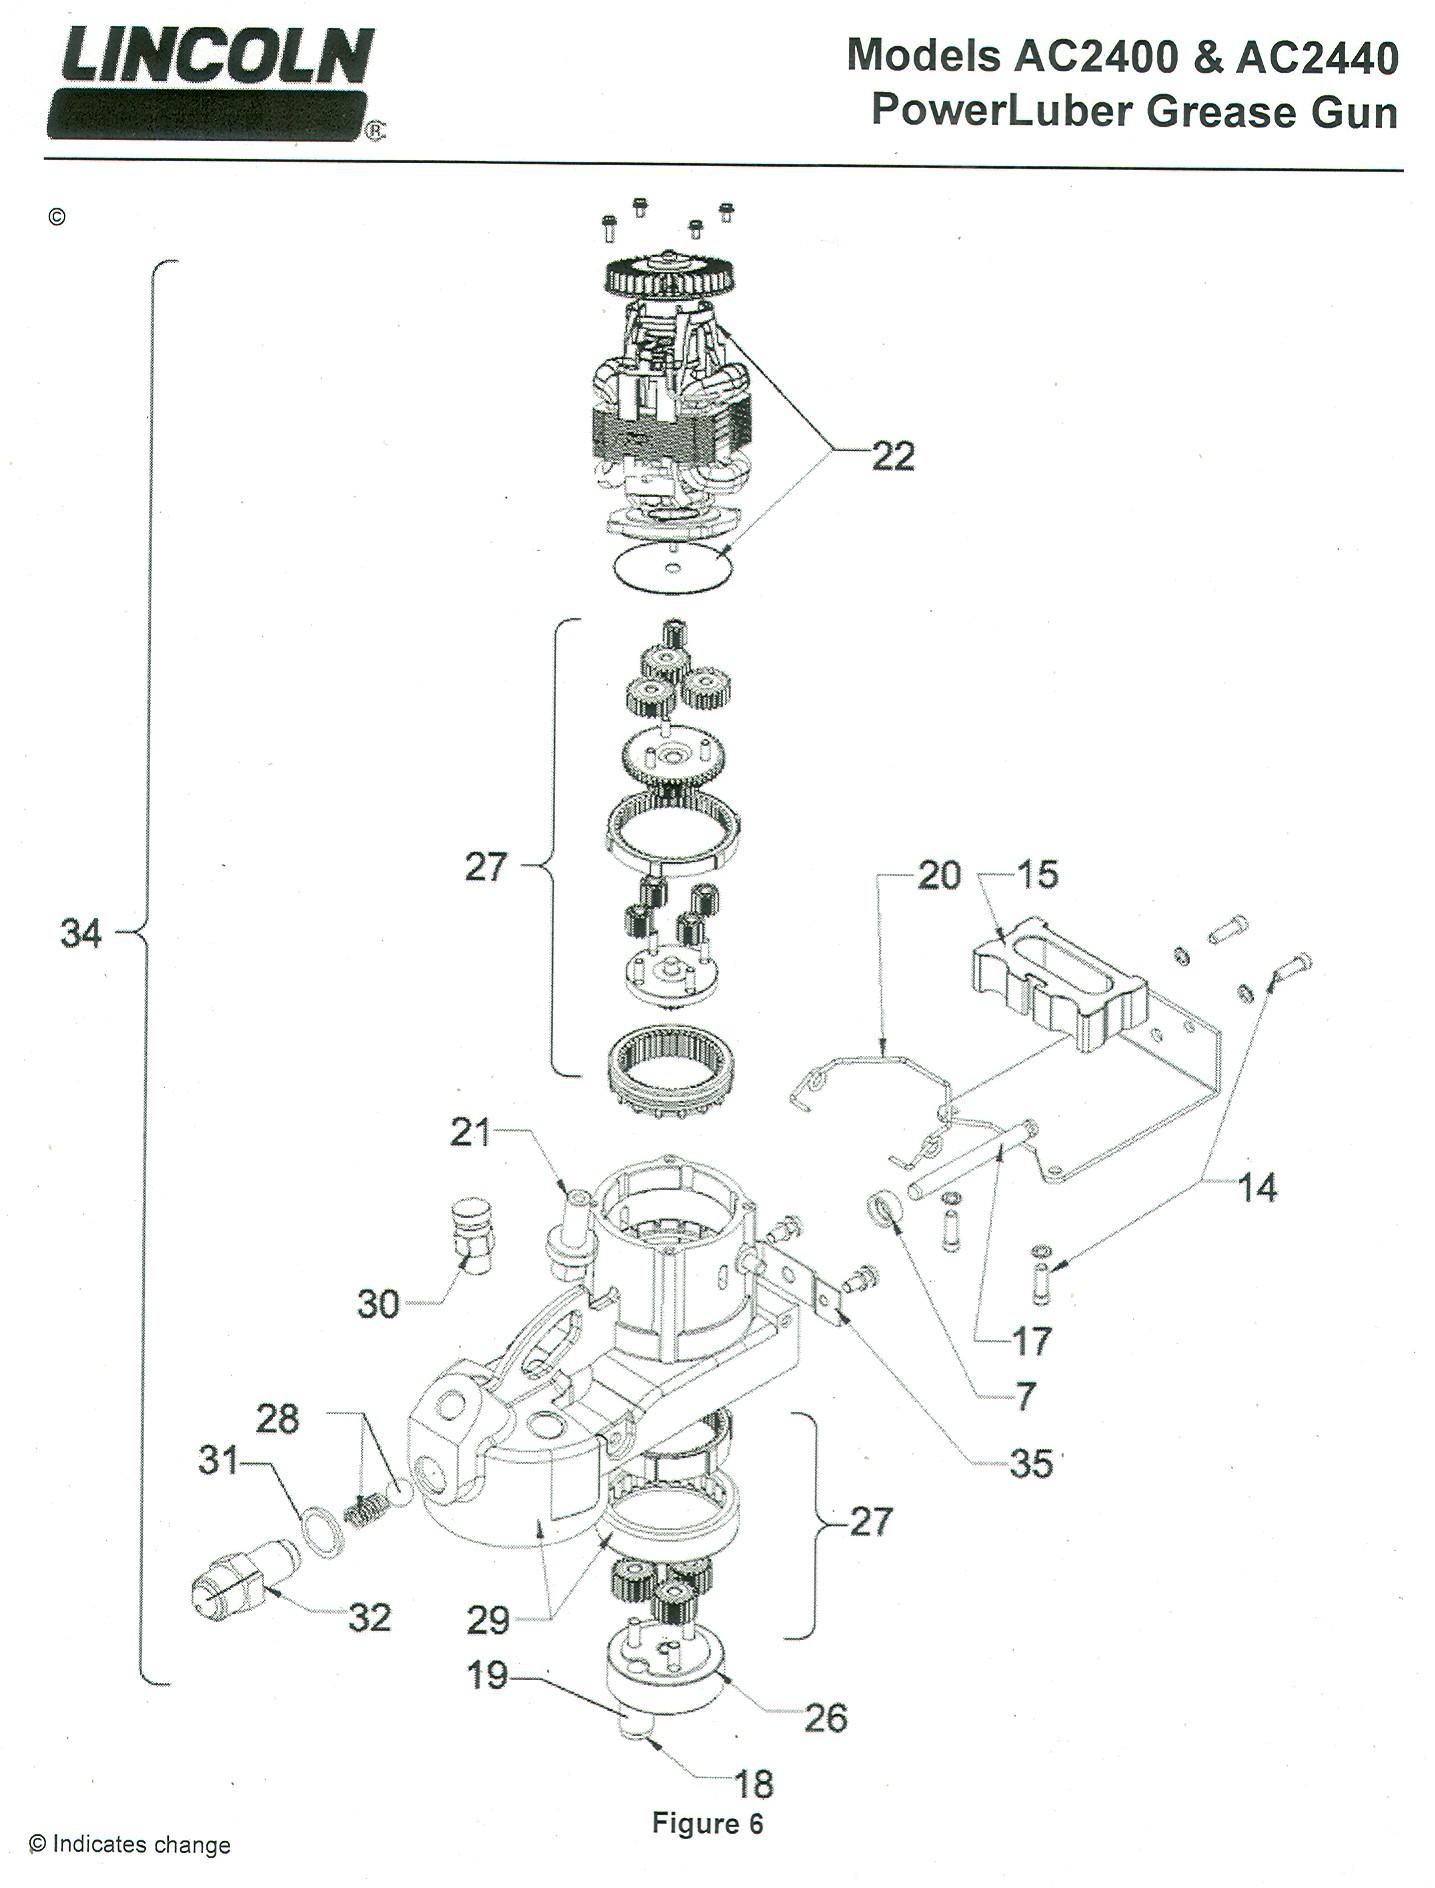 2400_series_b_schematic_inside_parts.jpg(343756 bytes)